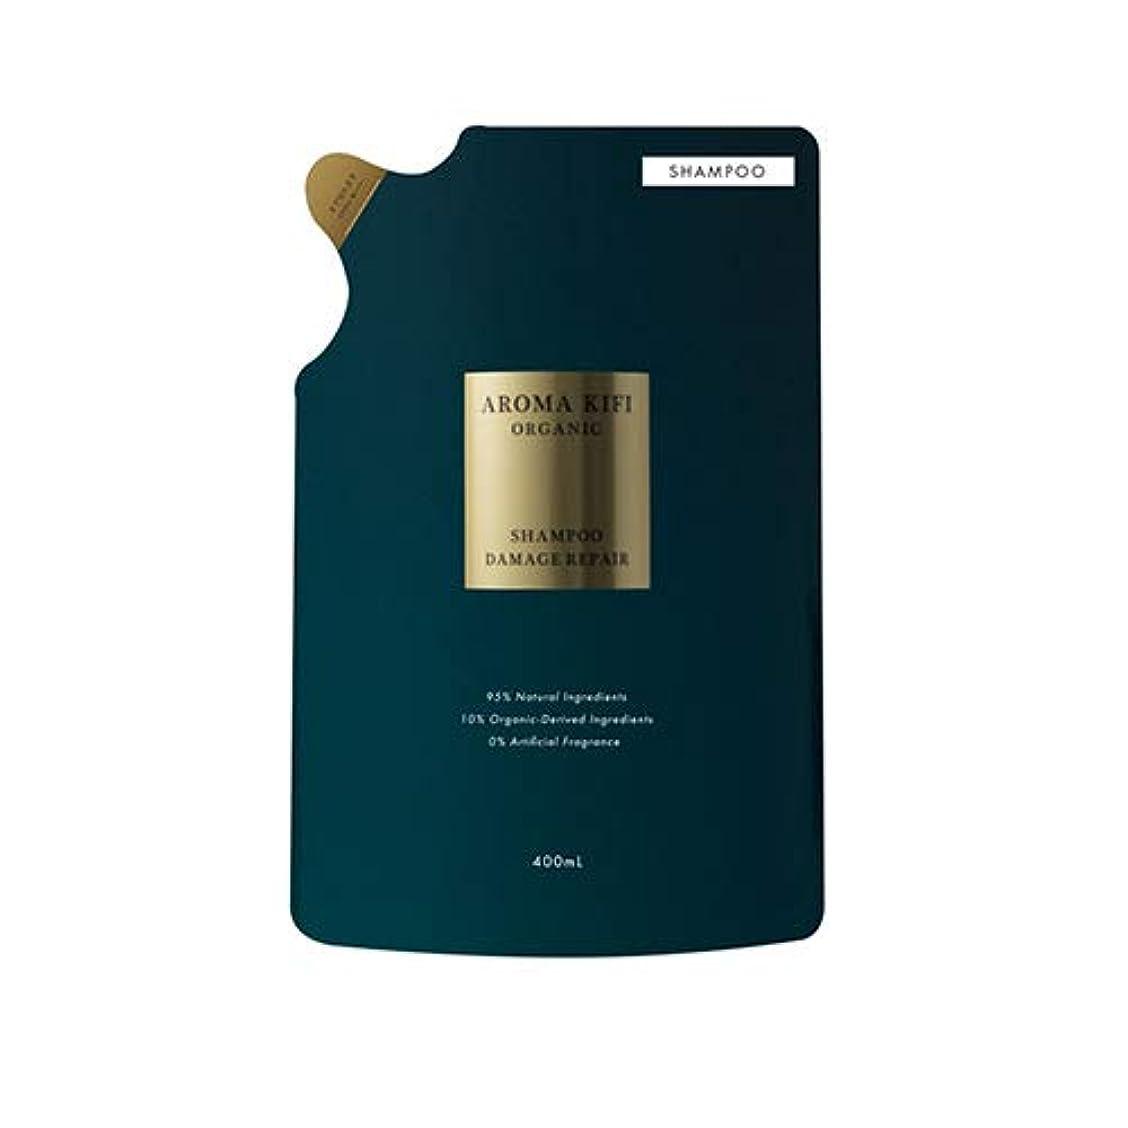 ピックスクリュースコアアロマキフィ オーガニック シャンプー 詰替え 400ml 【ダメージリペア】サロン品質 ノンシリコン 無添加 アロマティックローズの香り